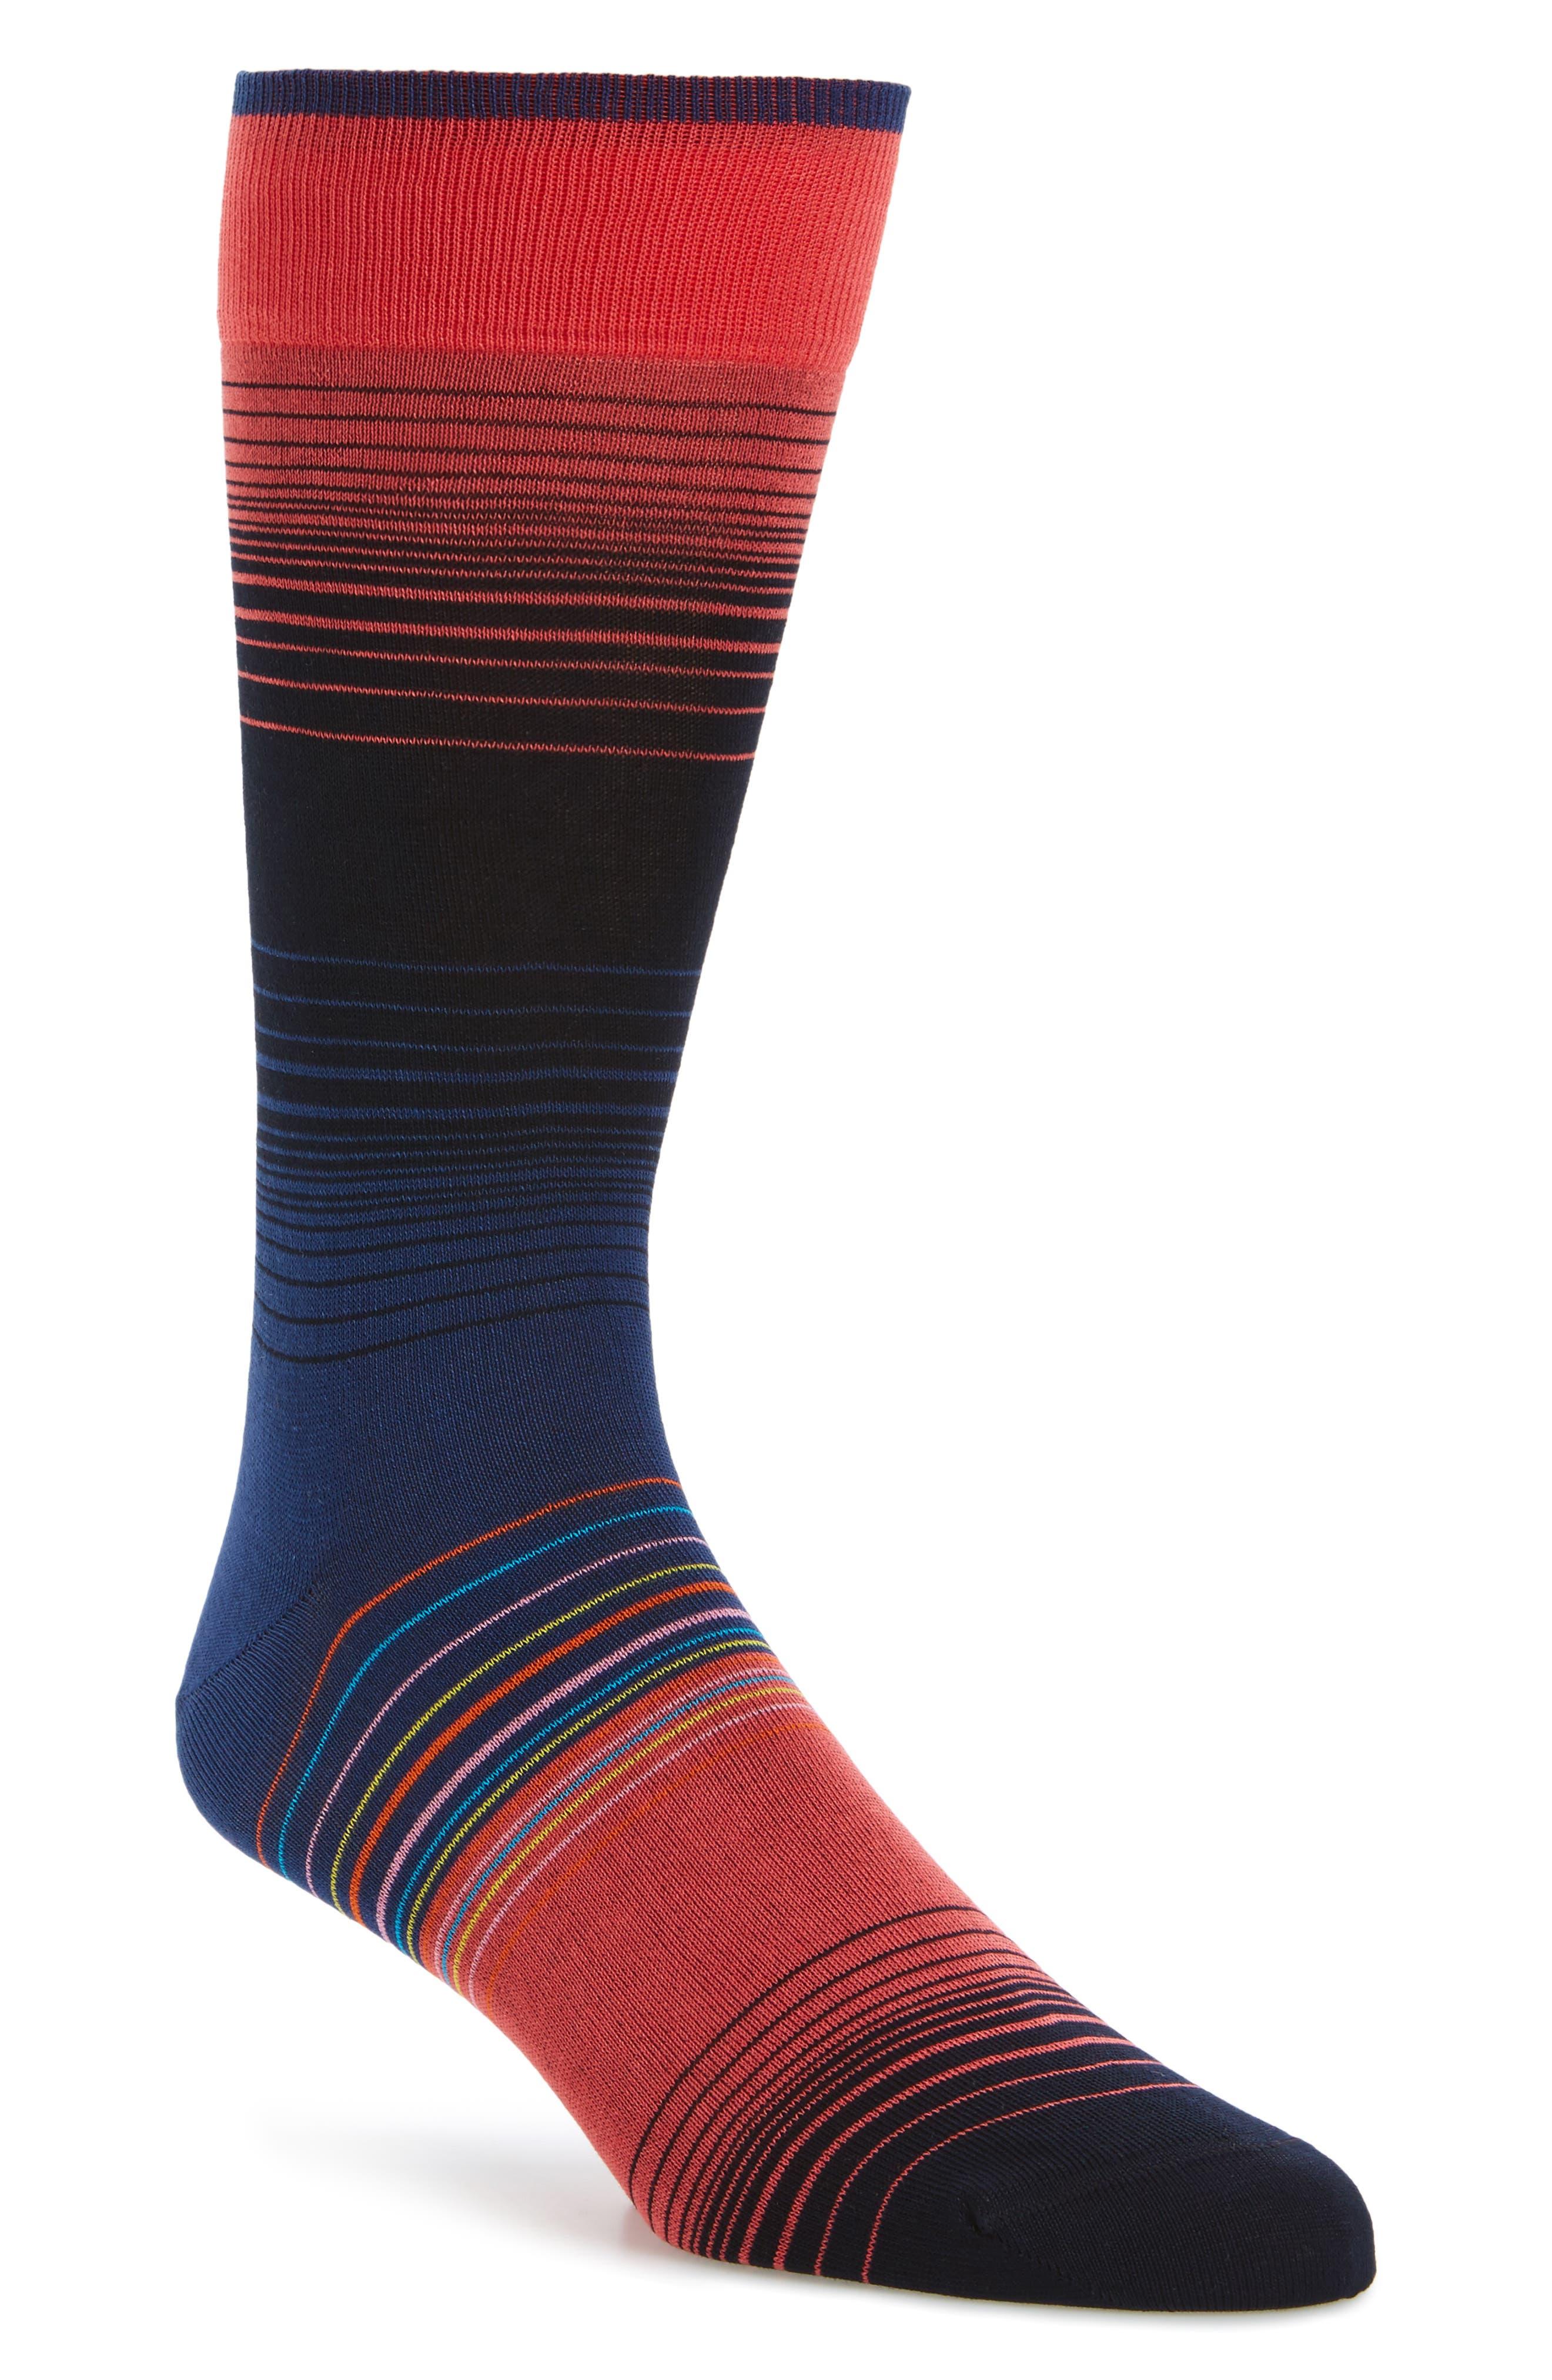 Stripe Socks,                         Main,                         color, Coral/ Black